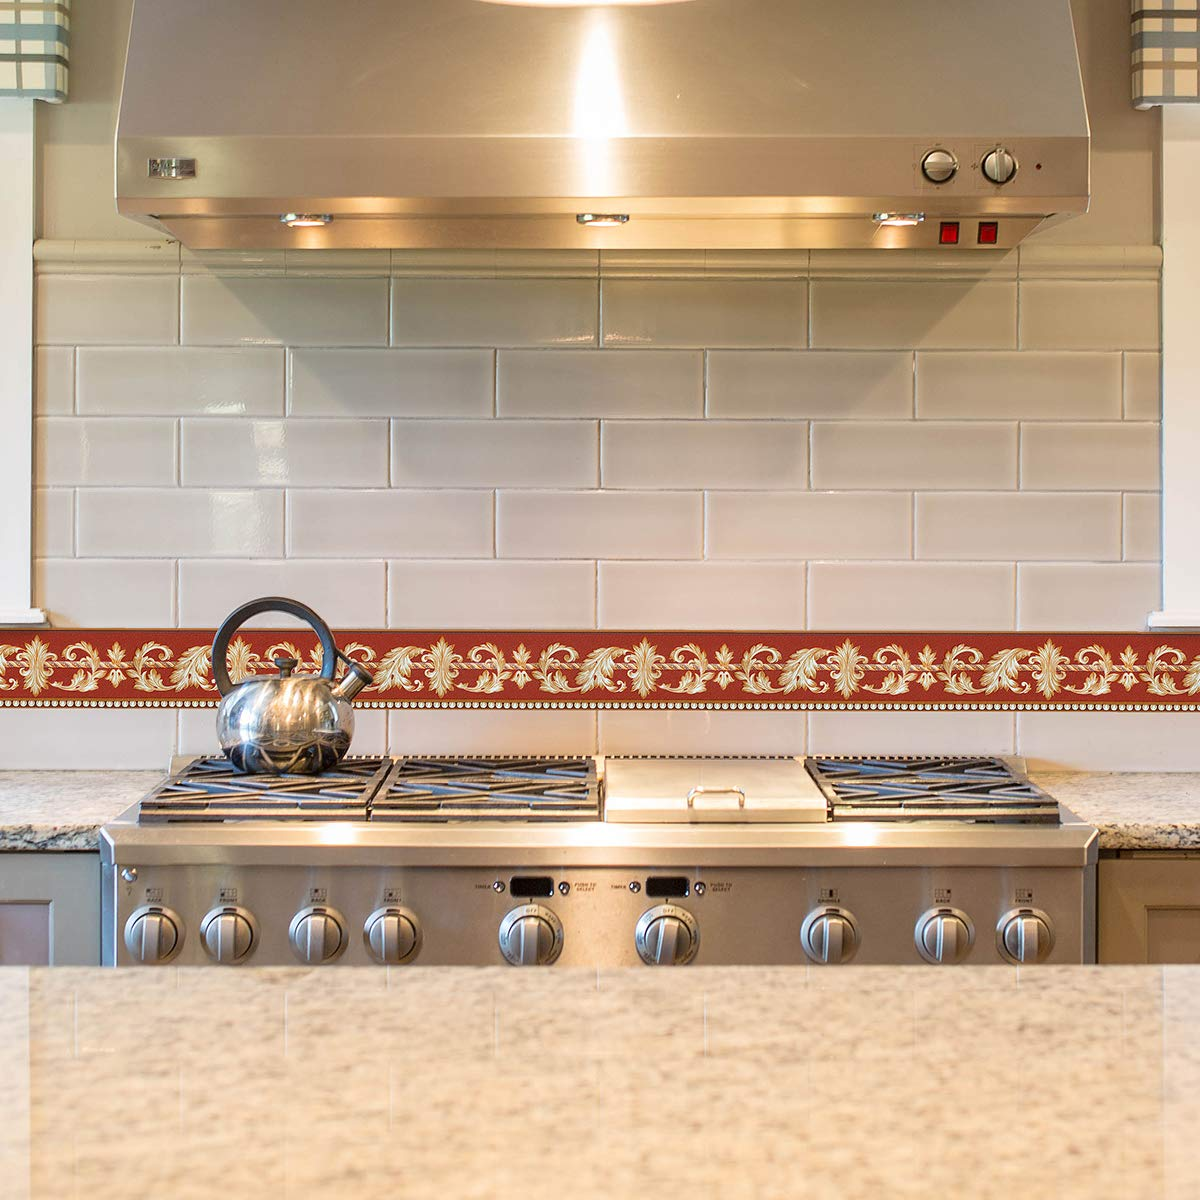 10 cm x 5 m selbstklebende Wandbord/üre f/ür Badezimmer Blumenmuster Taillenbord/üre Uoisaiko PVC-Tapetenbord/üre zum Abziehen und Aufkleben modernes Muster